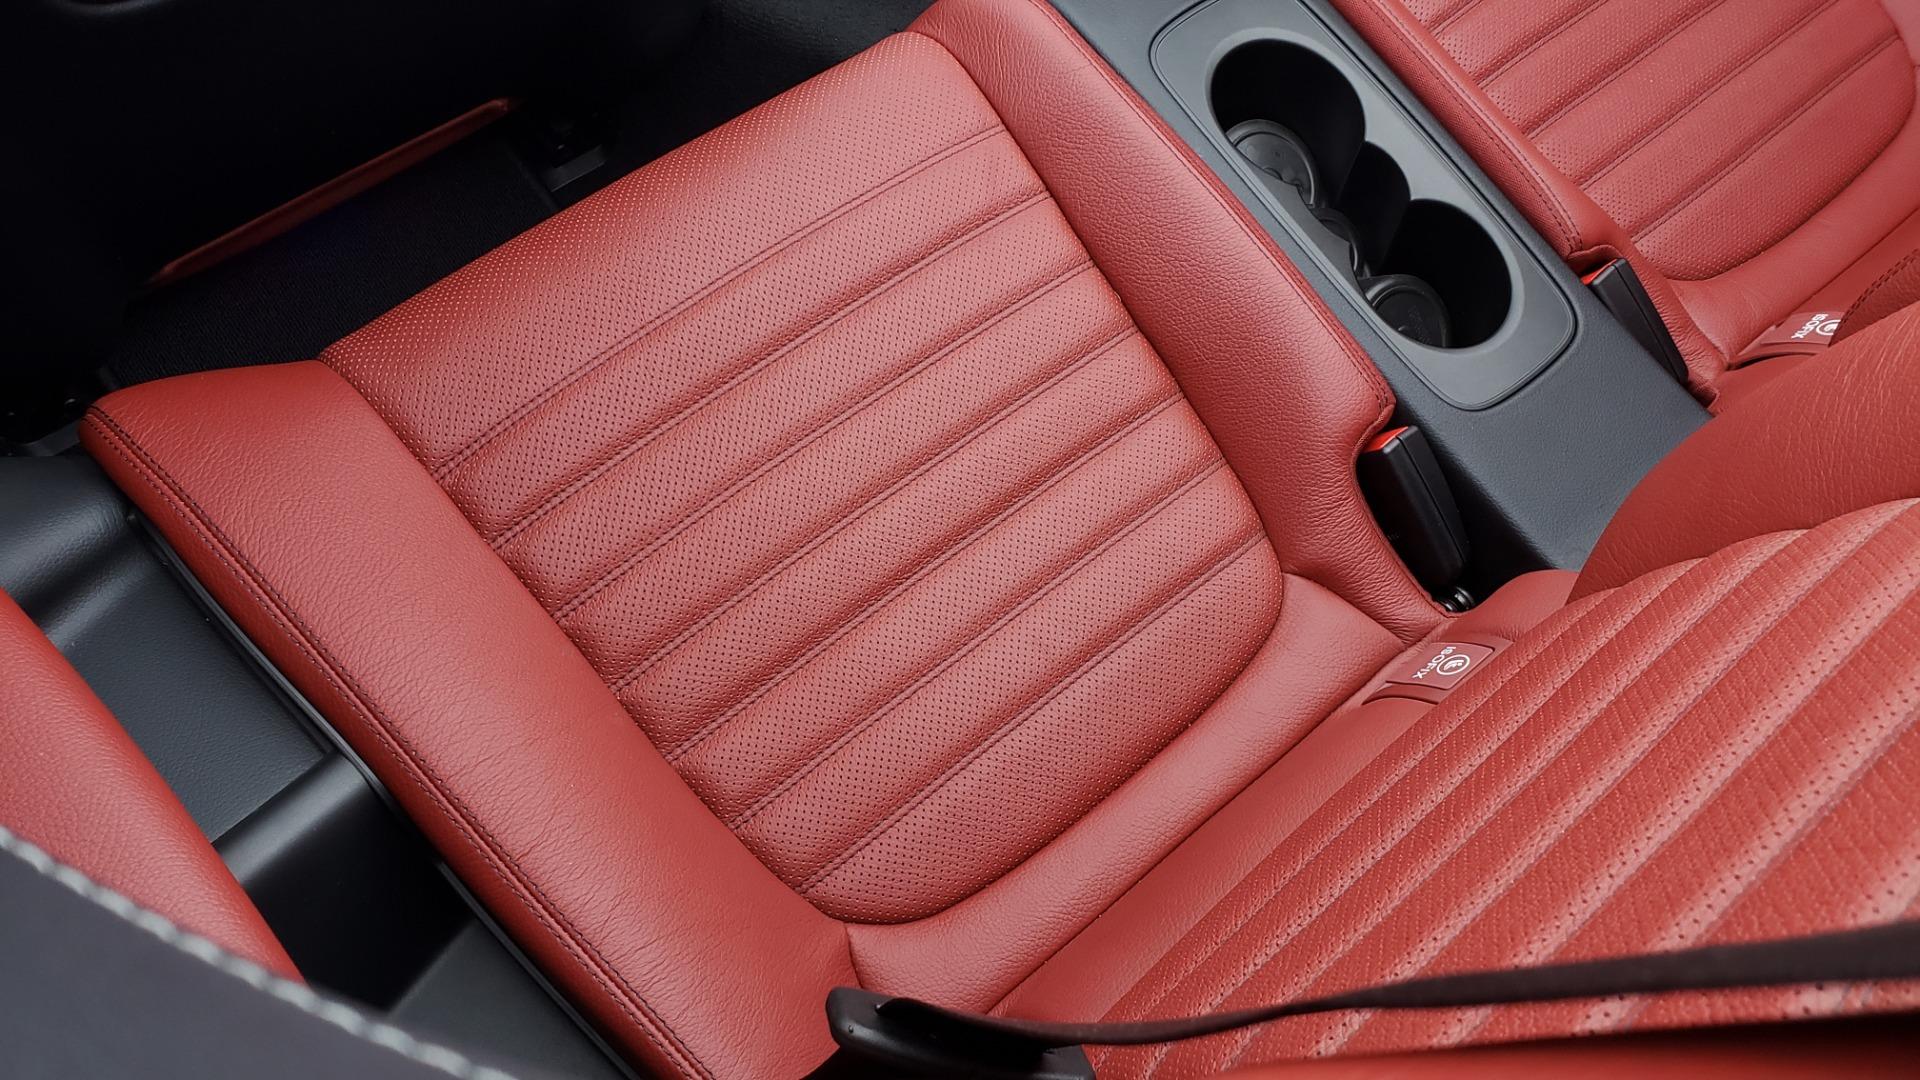 Used 2019 Mercedes-Benz C-CLASS C 300 CABRIOLET / PREM PKG / NAV / BURMESTER / MULTIMEDIA for sale Sold at Formula Imports in Charlotte NC 28227 70